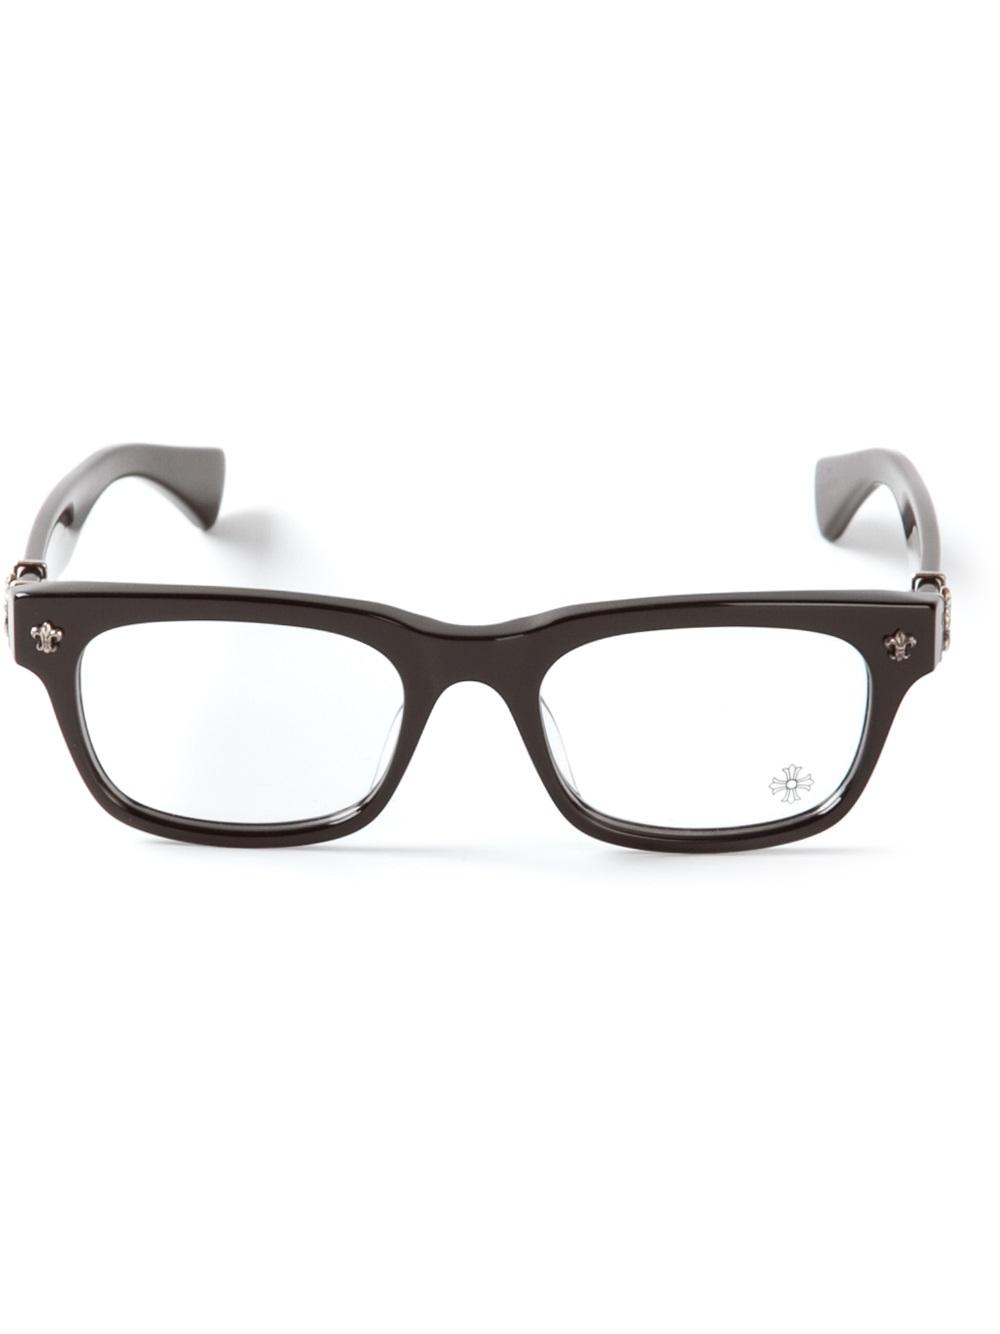 Lyst - Chrome Hearts Wayfarer Glasses in Black